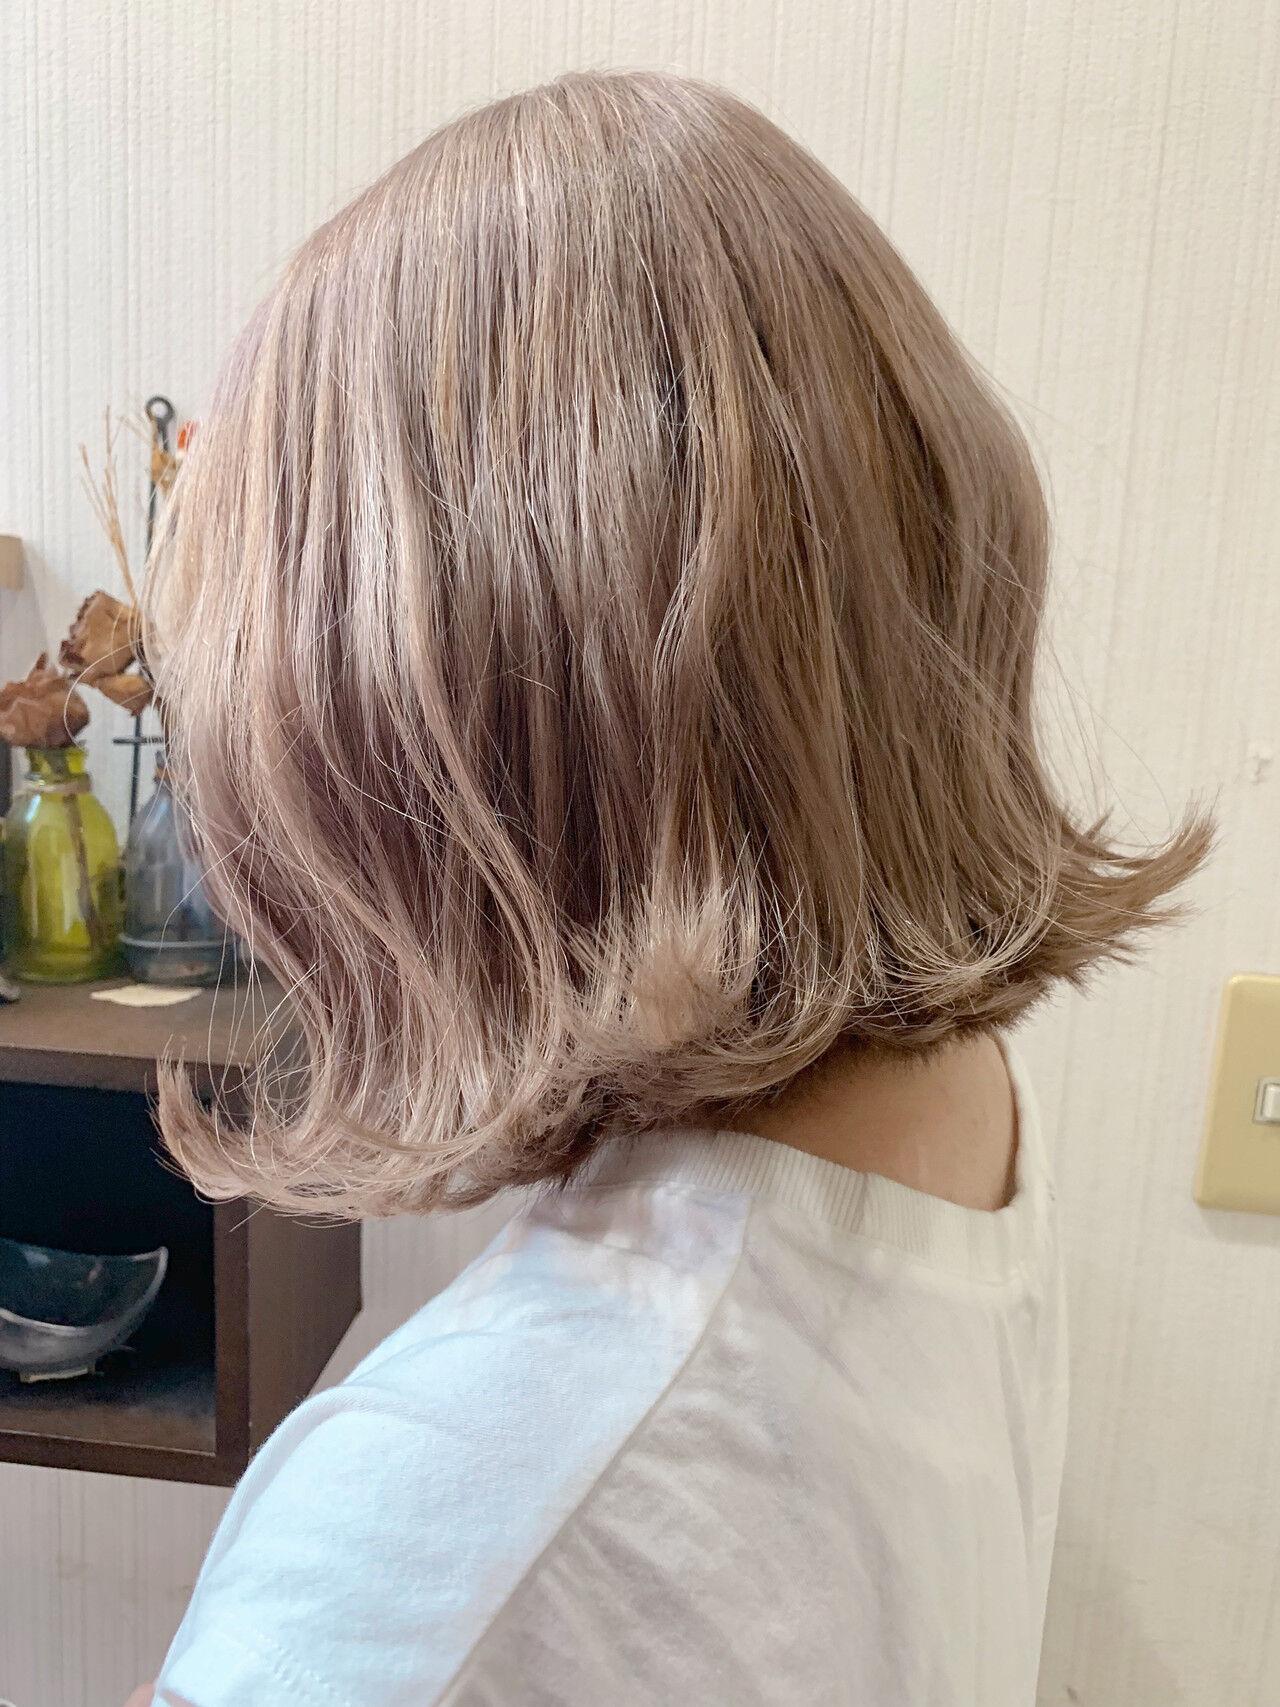 ボブ 簡単ヘアアレンジ ミルクティーグレージュ ミルクティーベージュヘアスタイルや髪型の写真・画像